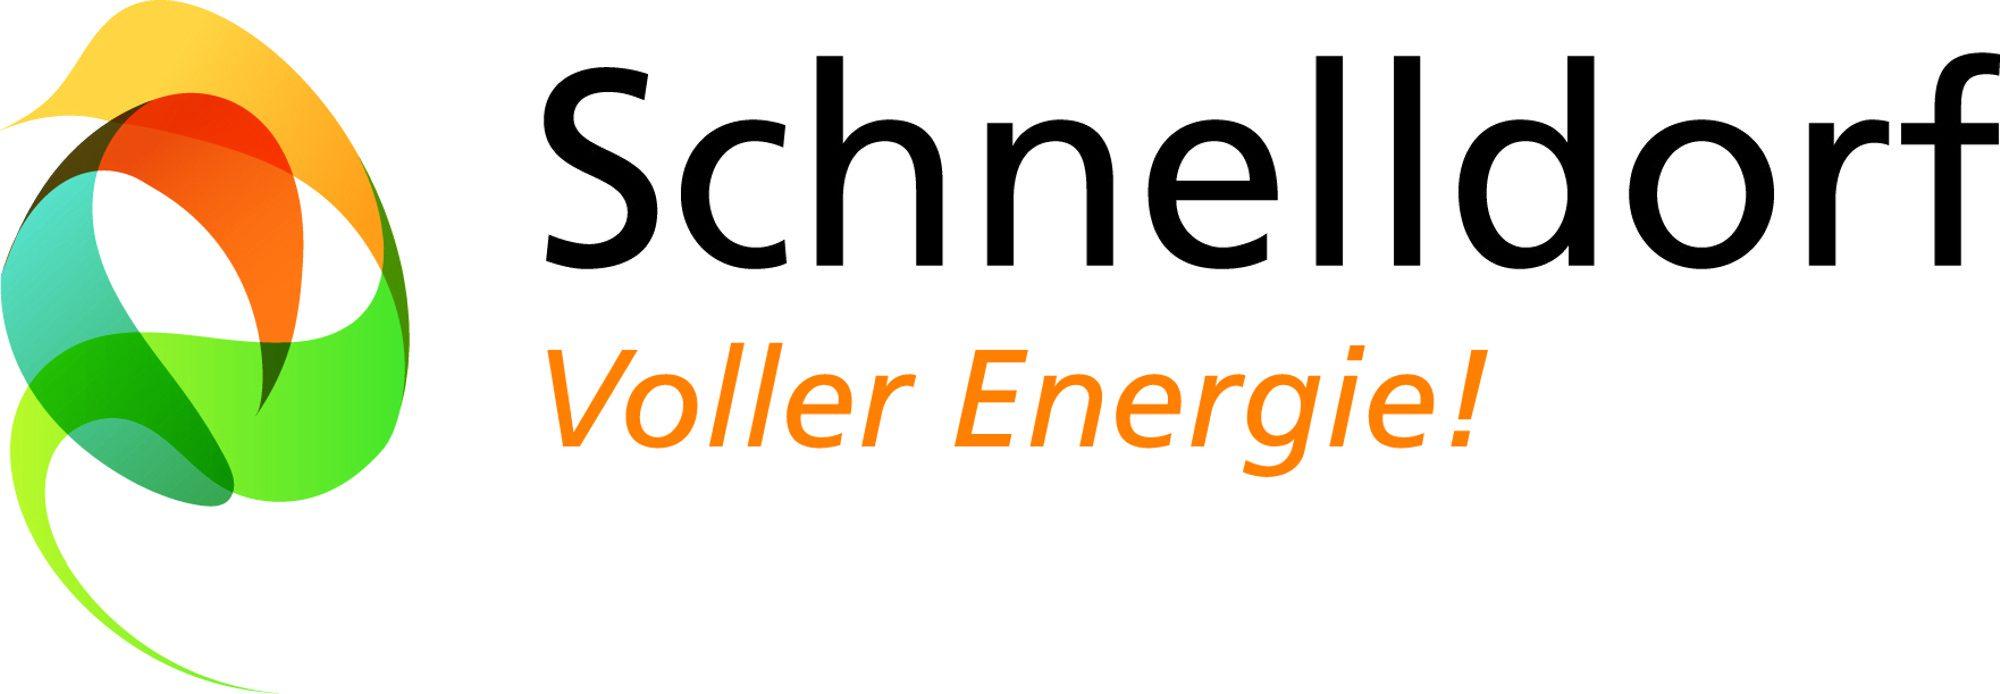 Schnelldorf voller Energie